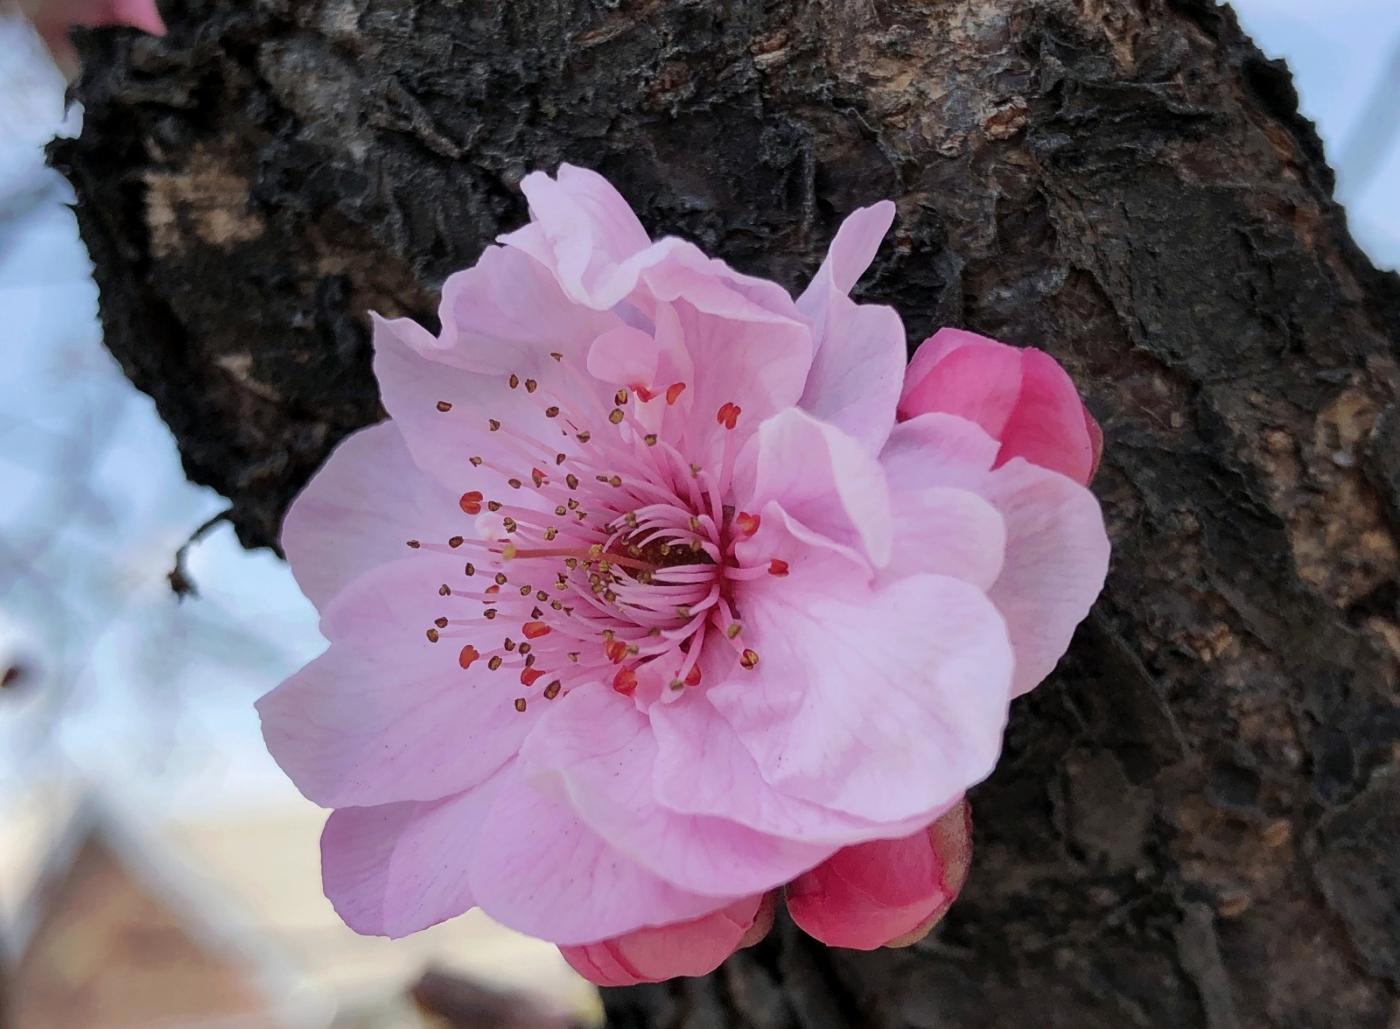 【田螺手机摄影】街口的杏花又开一年_图1-11